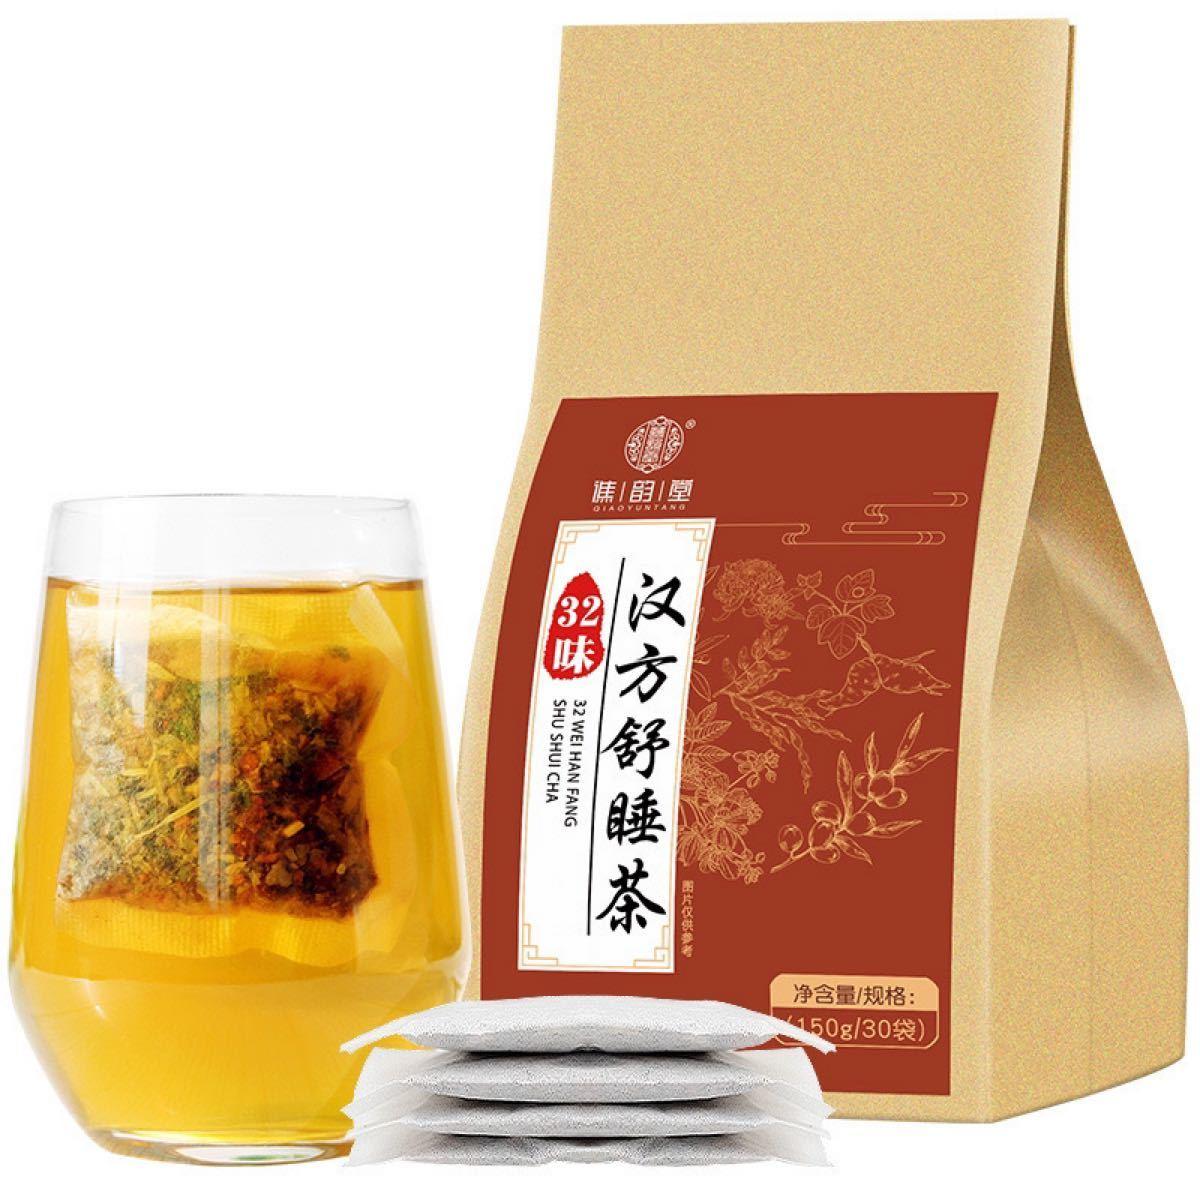 薬膳茶 三十二味漢方安眠茶 健康茶 漢方茶  ハーブティー